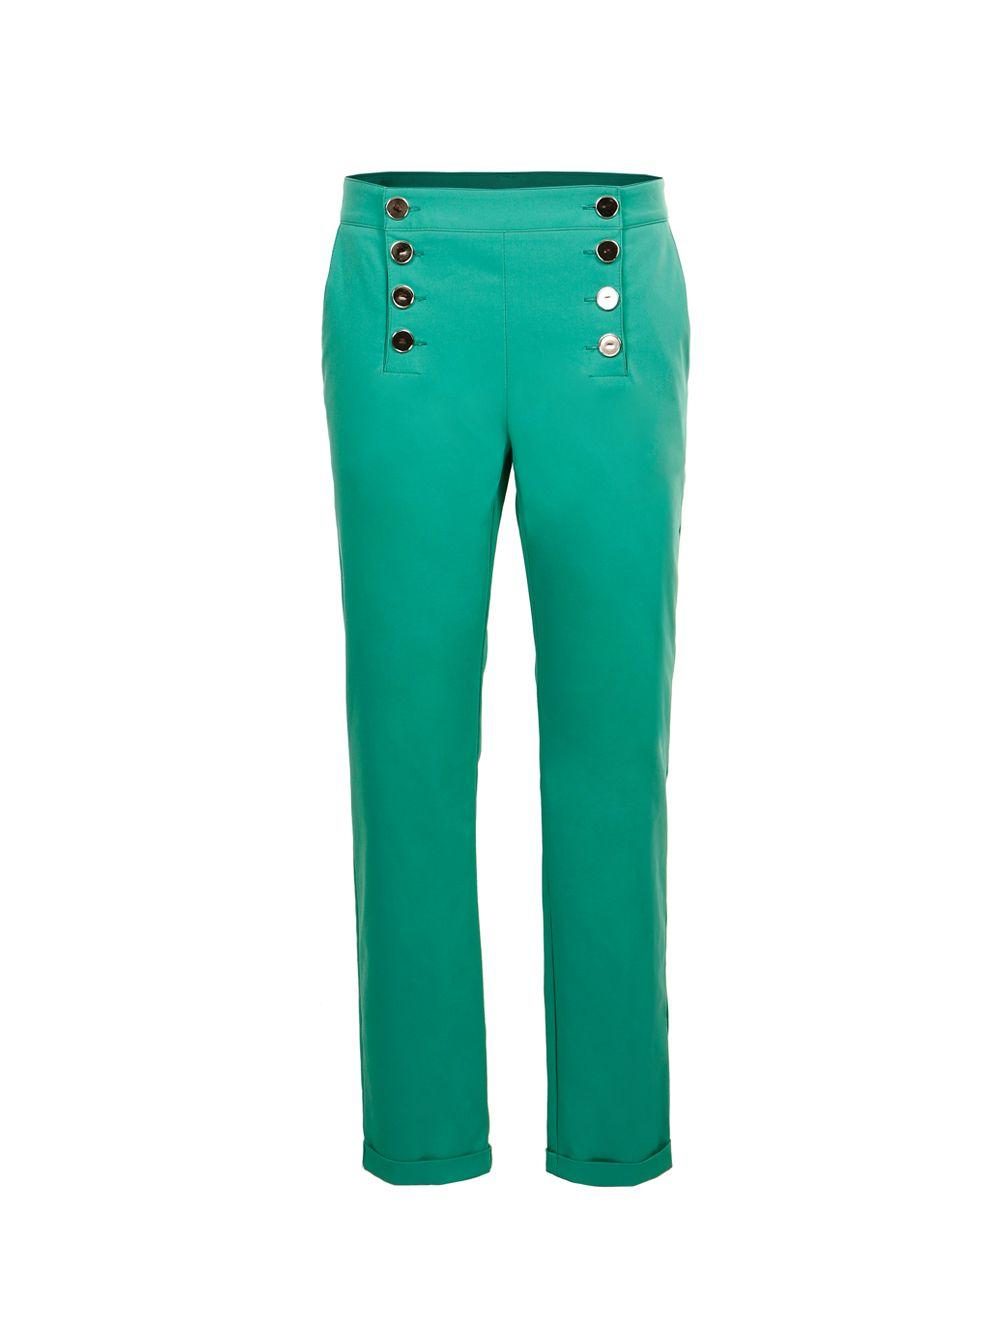 Зелені бавовняні брюки з гудзіками Imperial